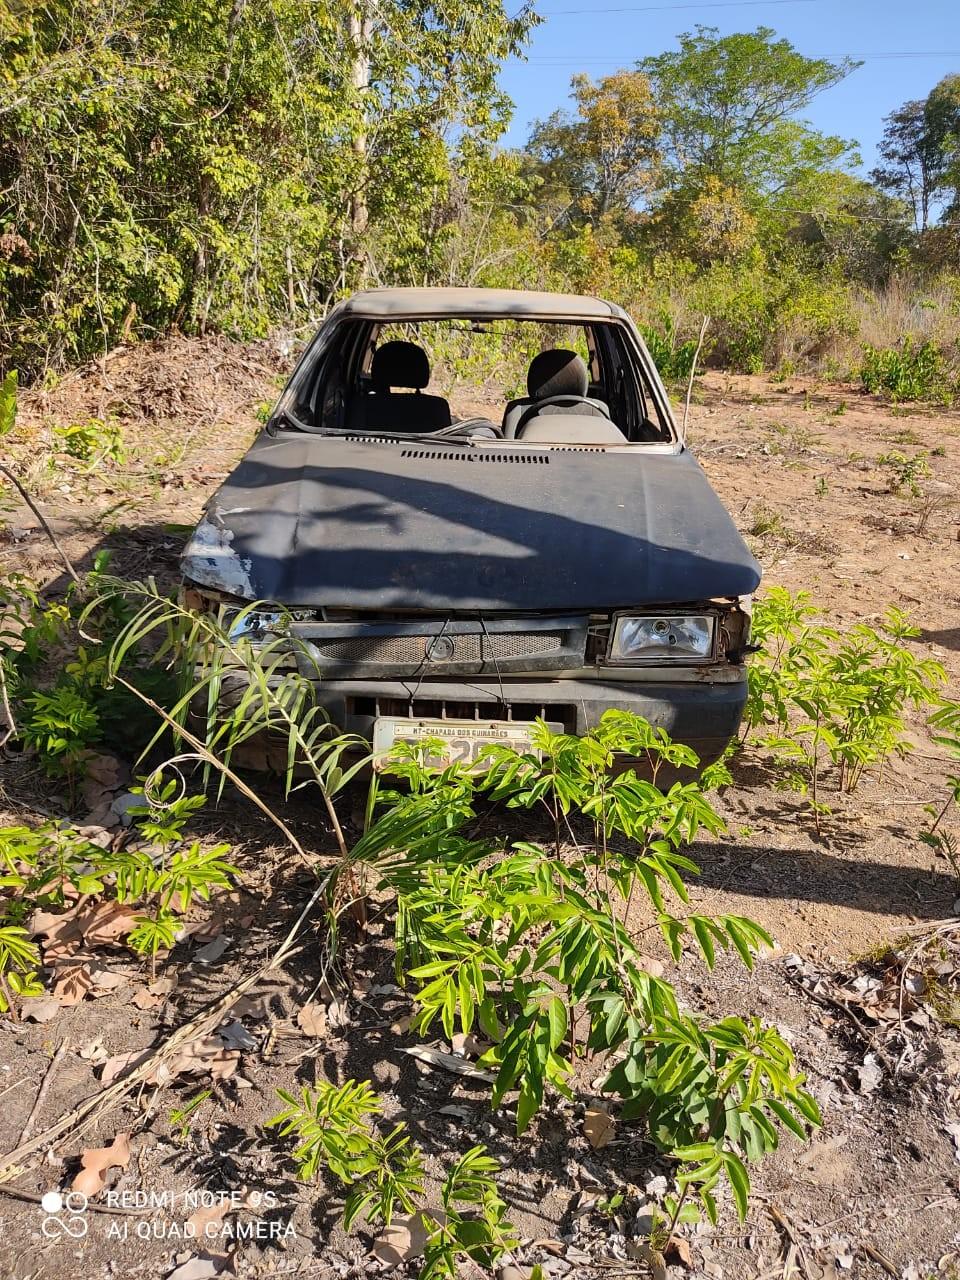 Motorista que matou guia de turismo atropelado em Chapada dos Guimarães (MT) é solto após pagar fiança